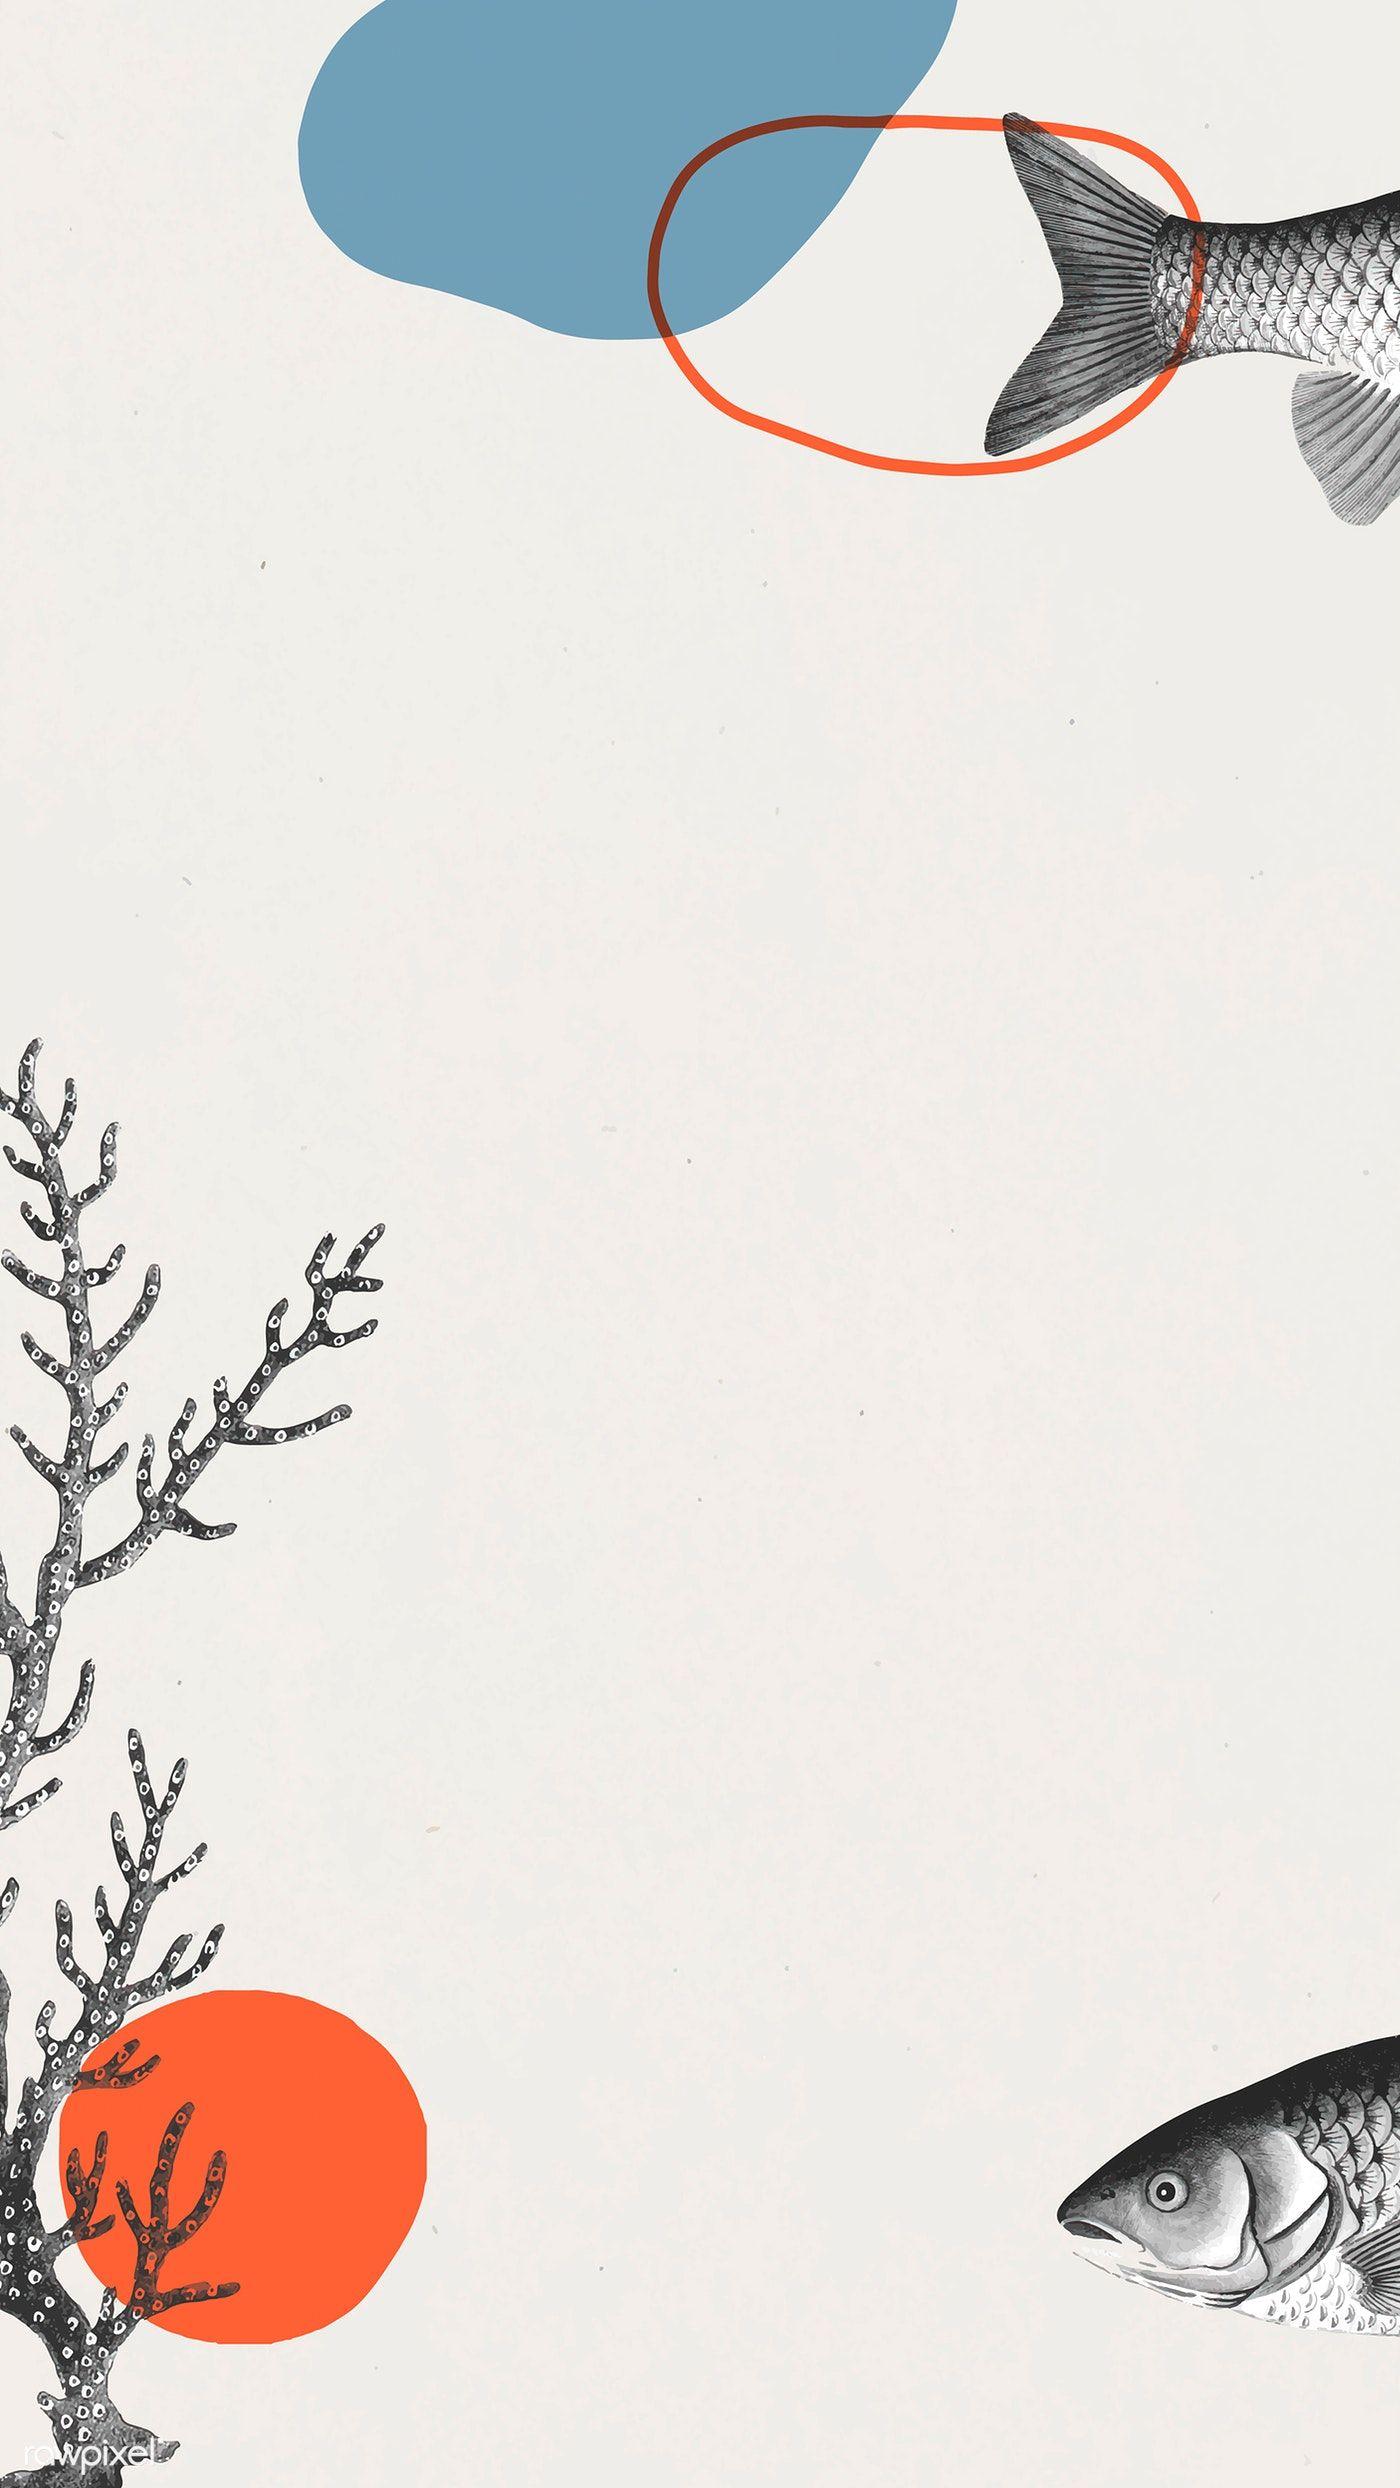 Download premium image of Vintage fish frame art vector